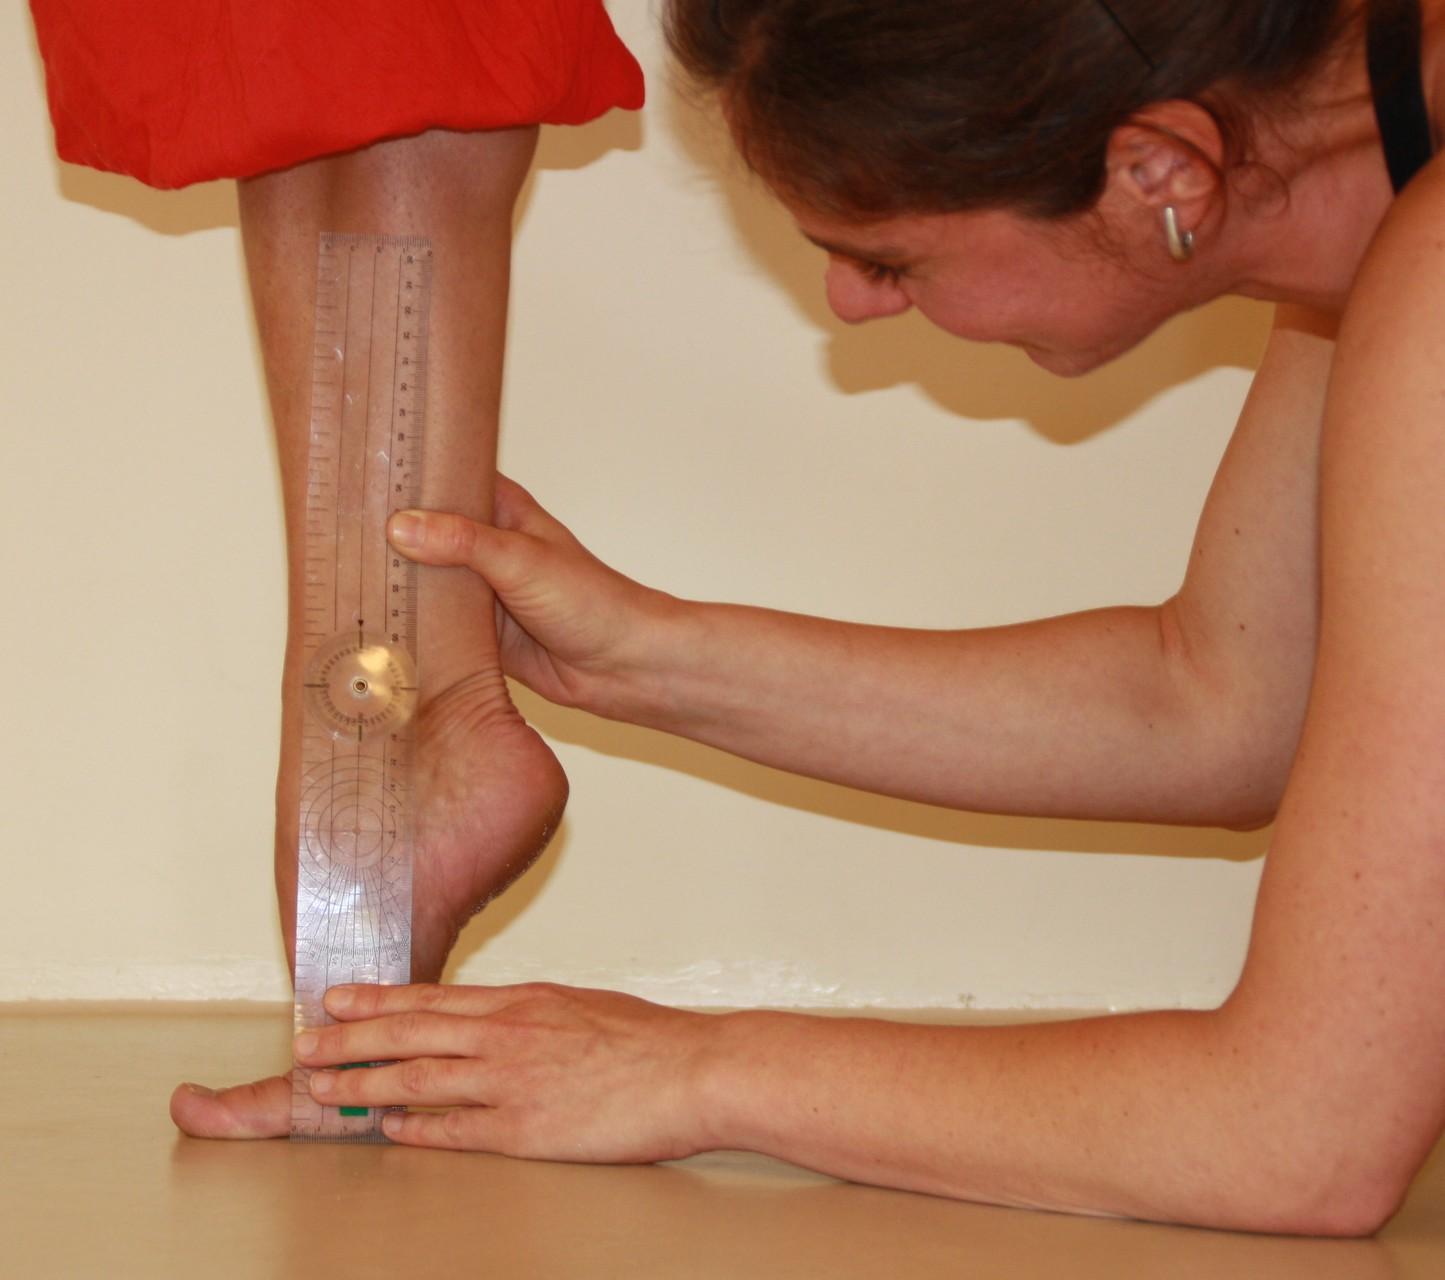 Messung der Gelenkbeweglichkeit des oberen Sprunggelenkes auf der halben Spitze